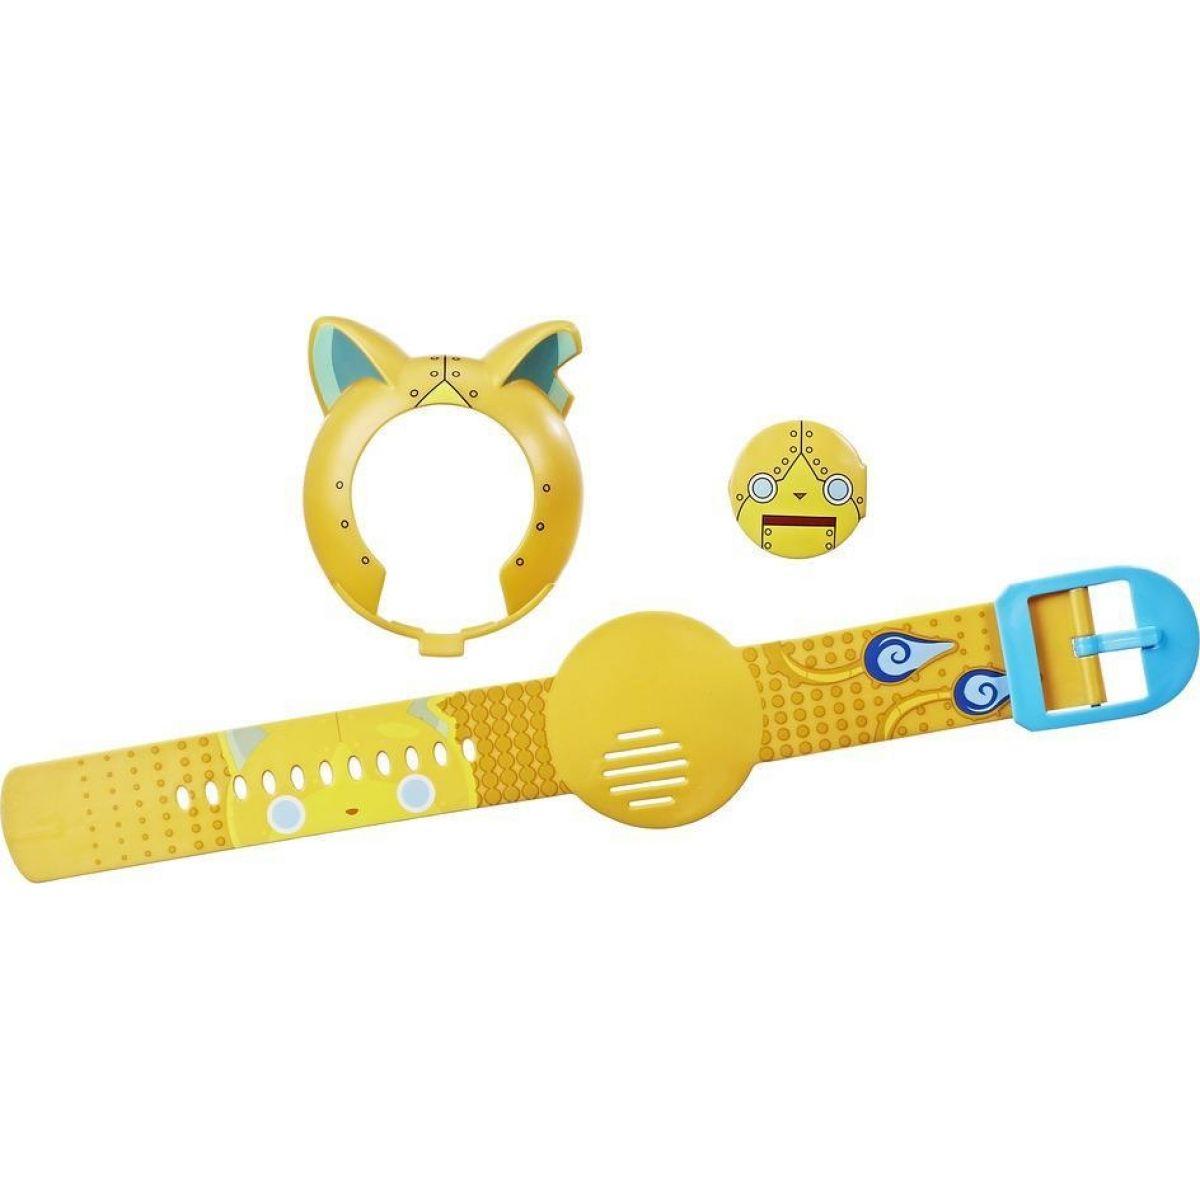 Hasbro Yo-kai Watch příslušenství Goldenyan - Poškozený obal